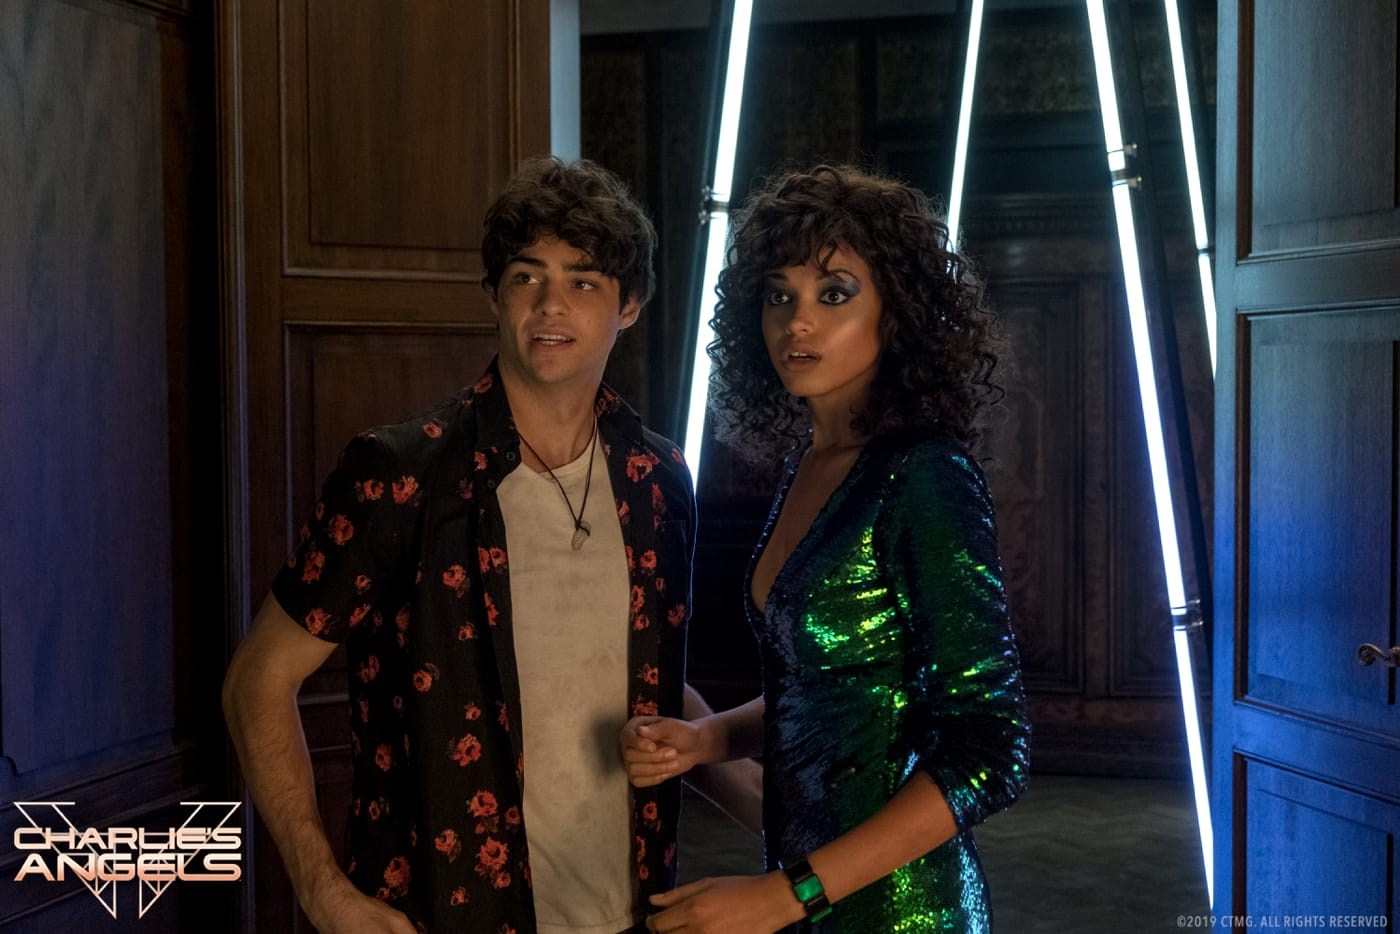 Ella Balinska and Noah Centineo star in Charlie's Angels.